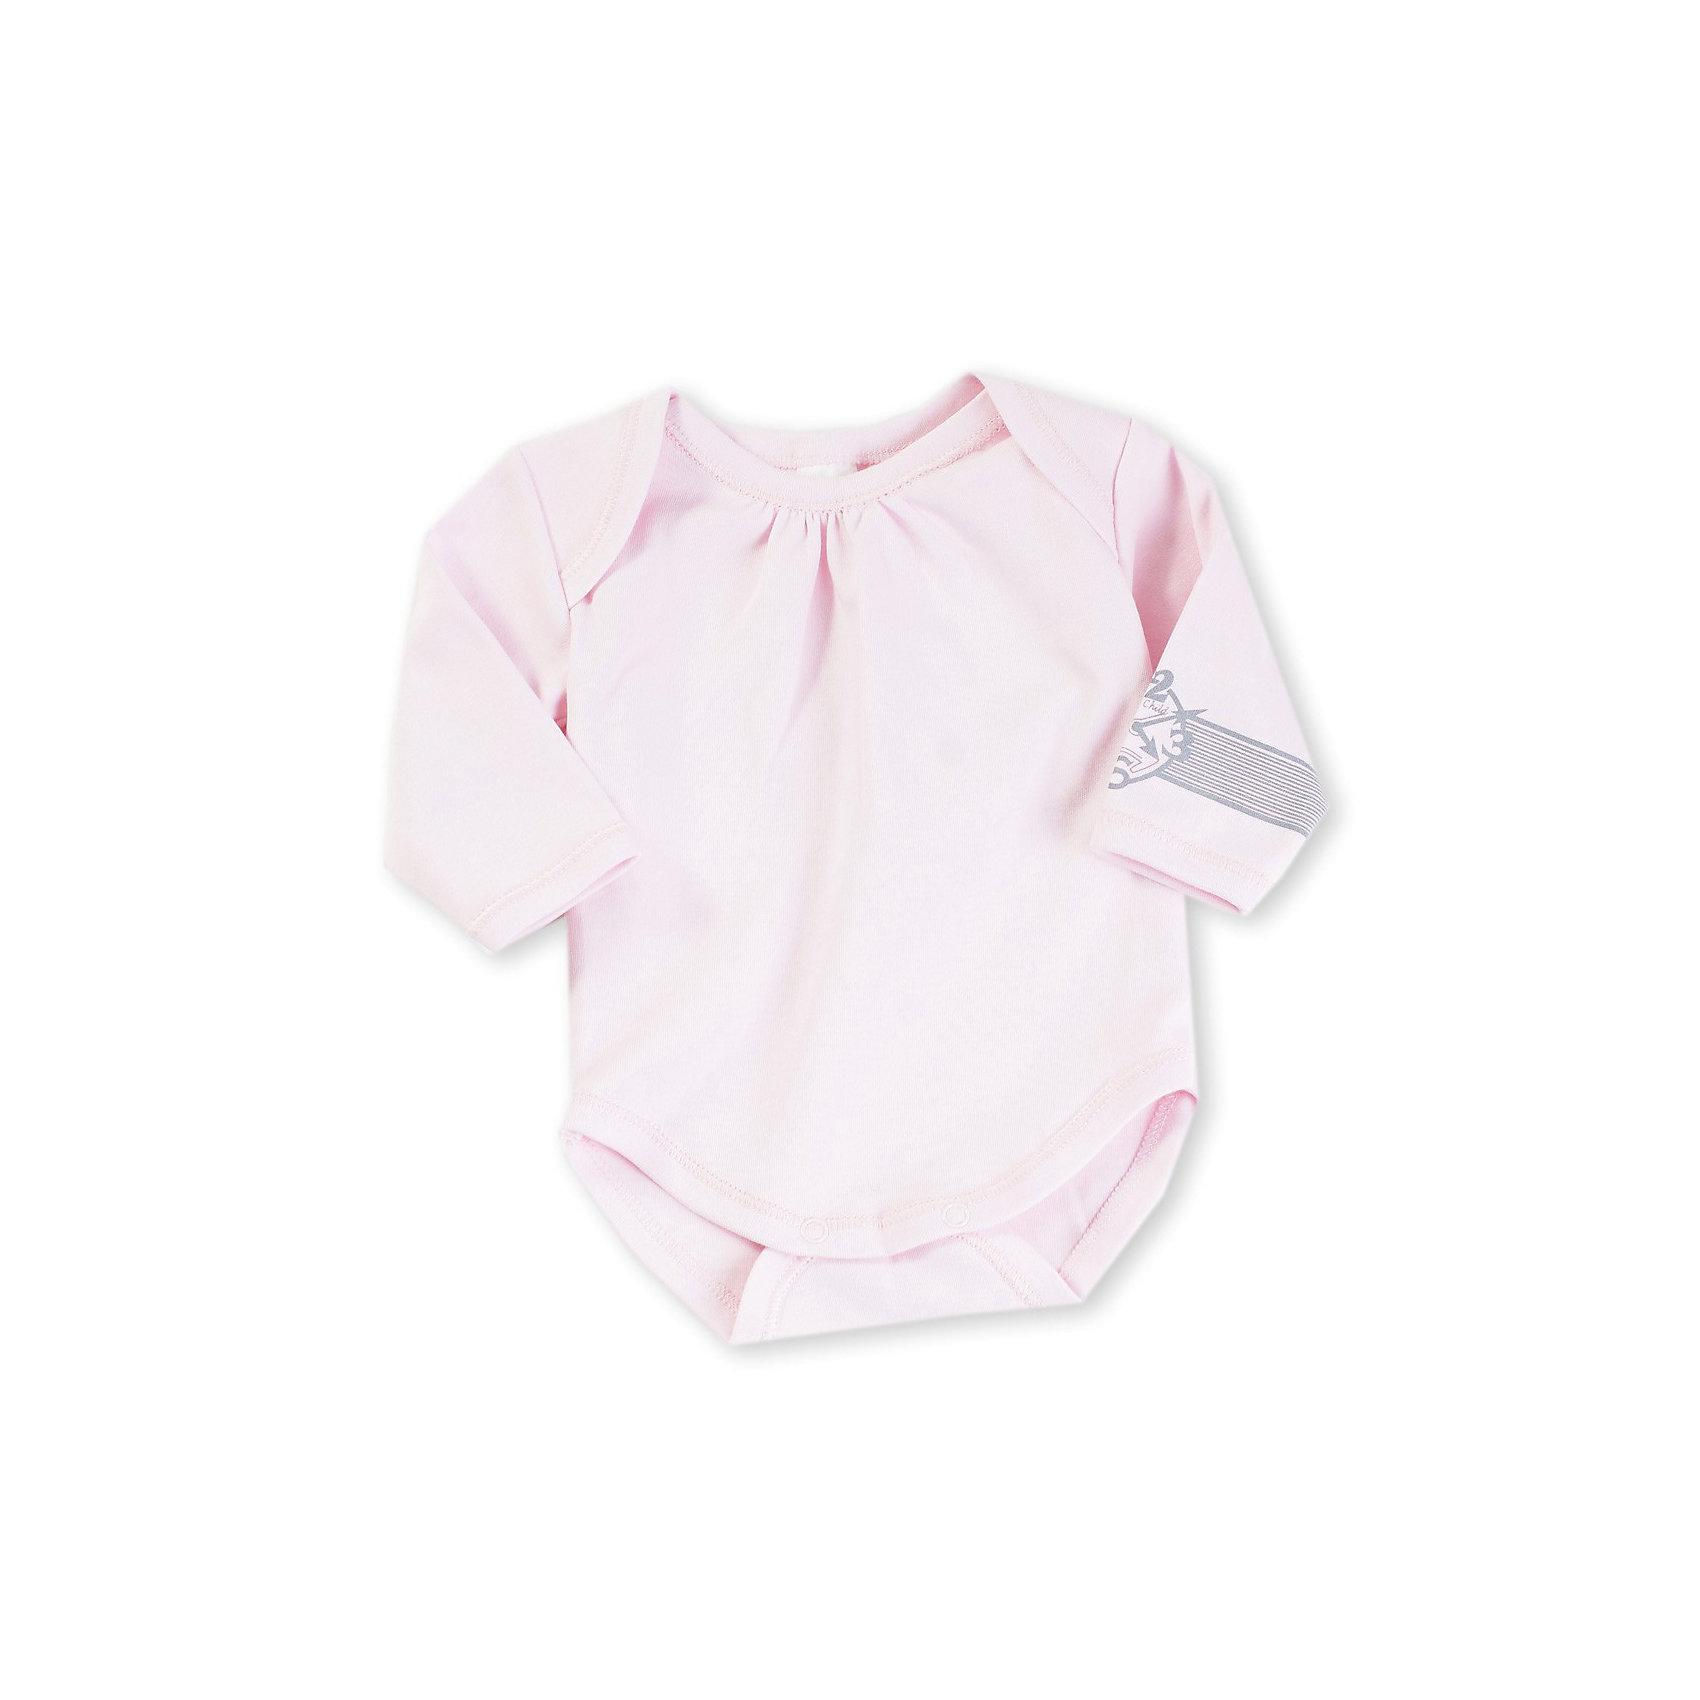 Lucky Child Боди для девочкиБоди<br>Стильное боди с длинным рукавом для юной модницы. Комфортная горловина с запахом. Застегивается на кнопки между ног. Приятный к телу натуральный гипоаллергенный материал (100% хлопок).<br><br>Ширина мм: 157<br>Глубина мм: 13<br>Высота мм: 119<br>Вес г: 200<br>Цвет: розовый<br>Возраст от месяцев: 2<br>Возраст до месяцев: 5<br>Пол: Женский<br>Возраст: Детский<br>Размер: 56/62,80/86,62/68,68/74,74/80<br>SKU: 2635152